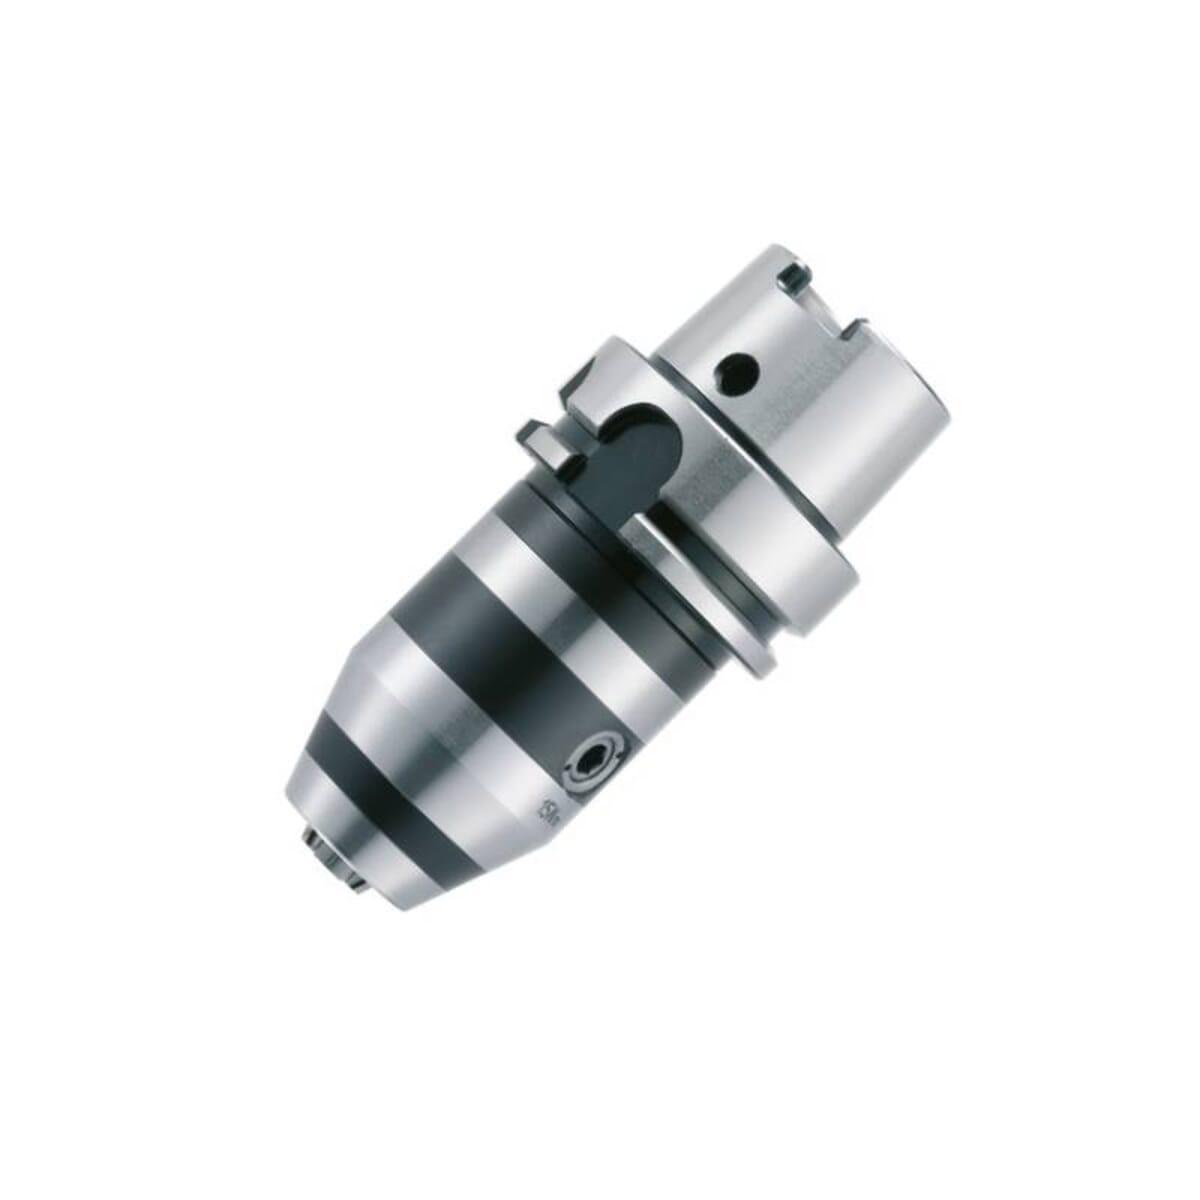 HSK50-A Integral Drill Chucks - 100mm Gauge Length, 50mm Diameter (15000rpm, G6.3)